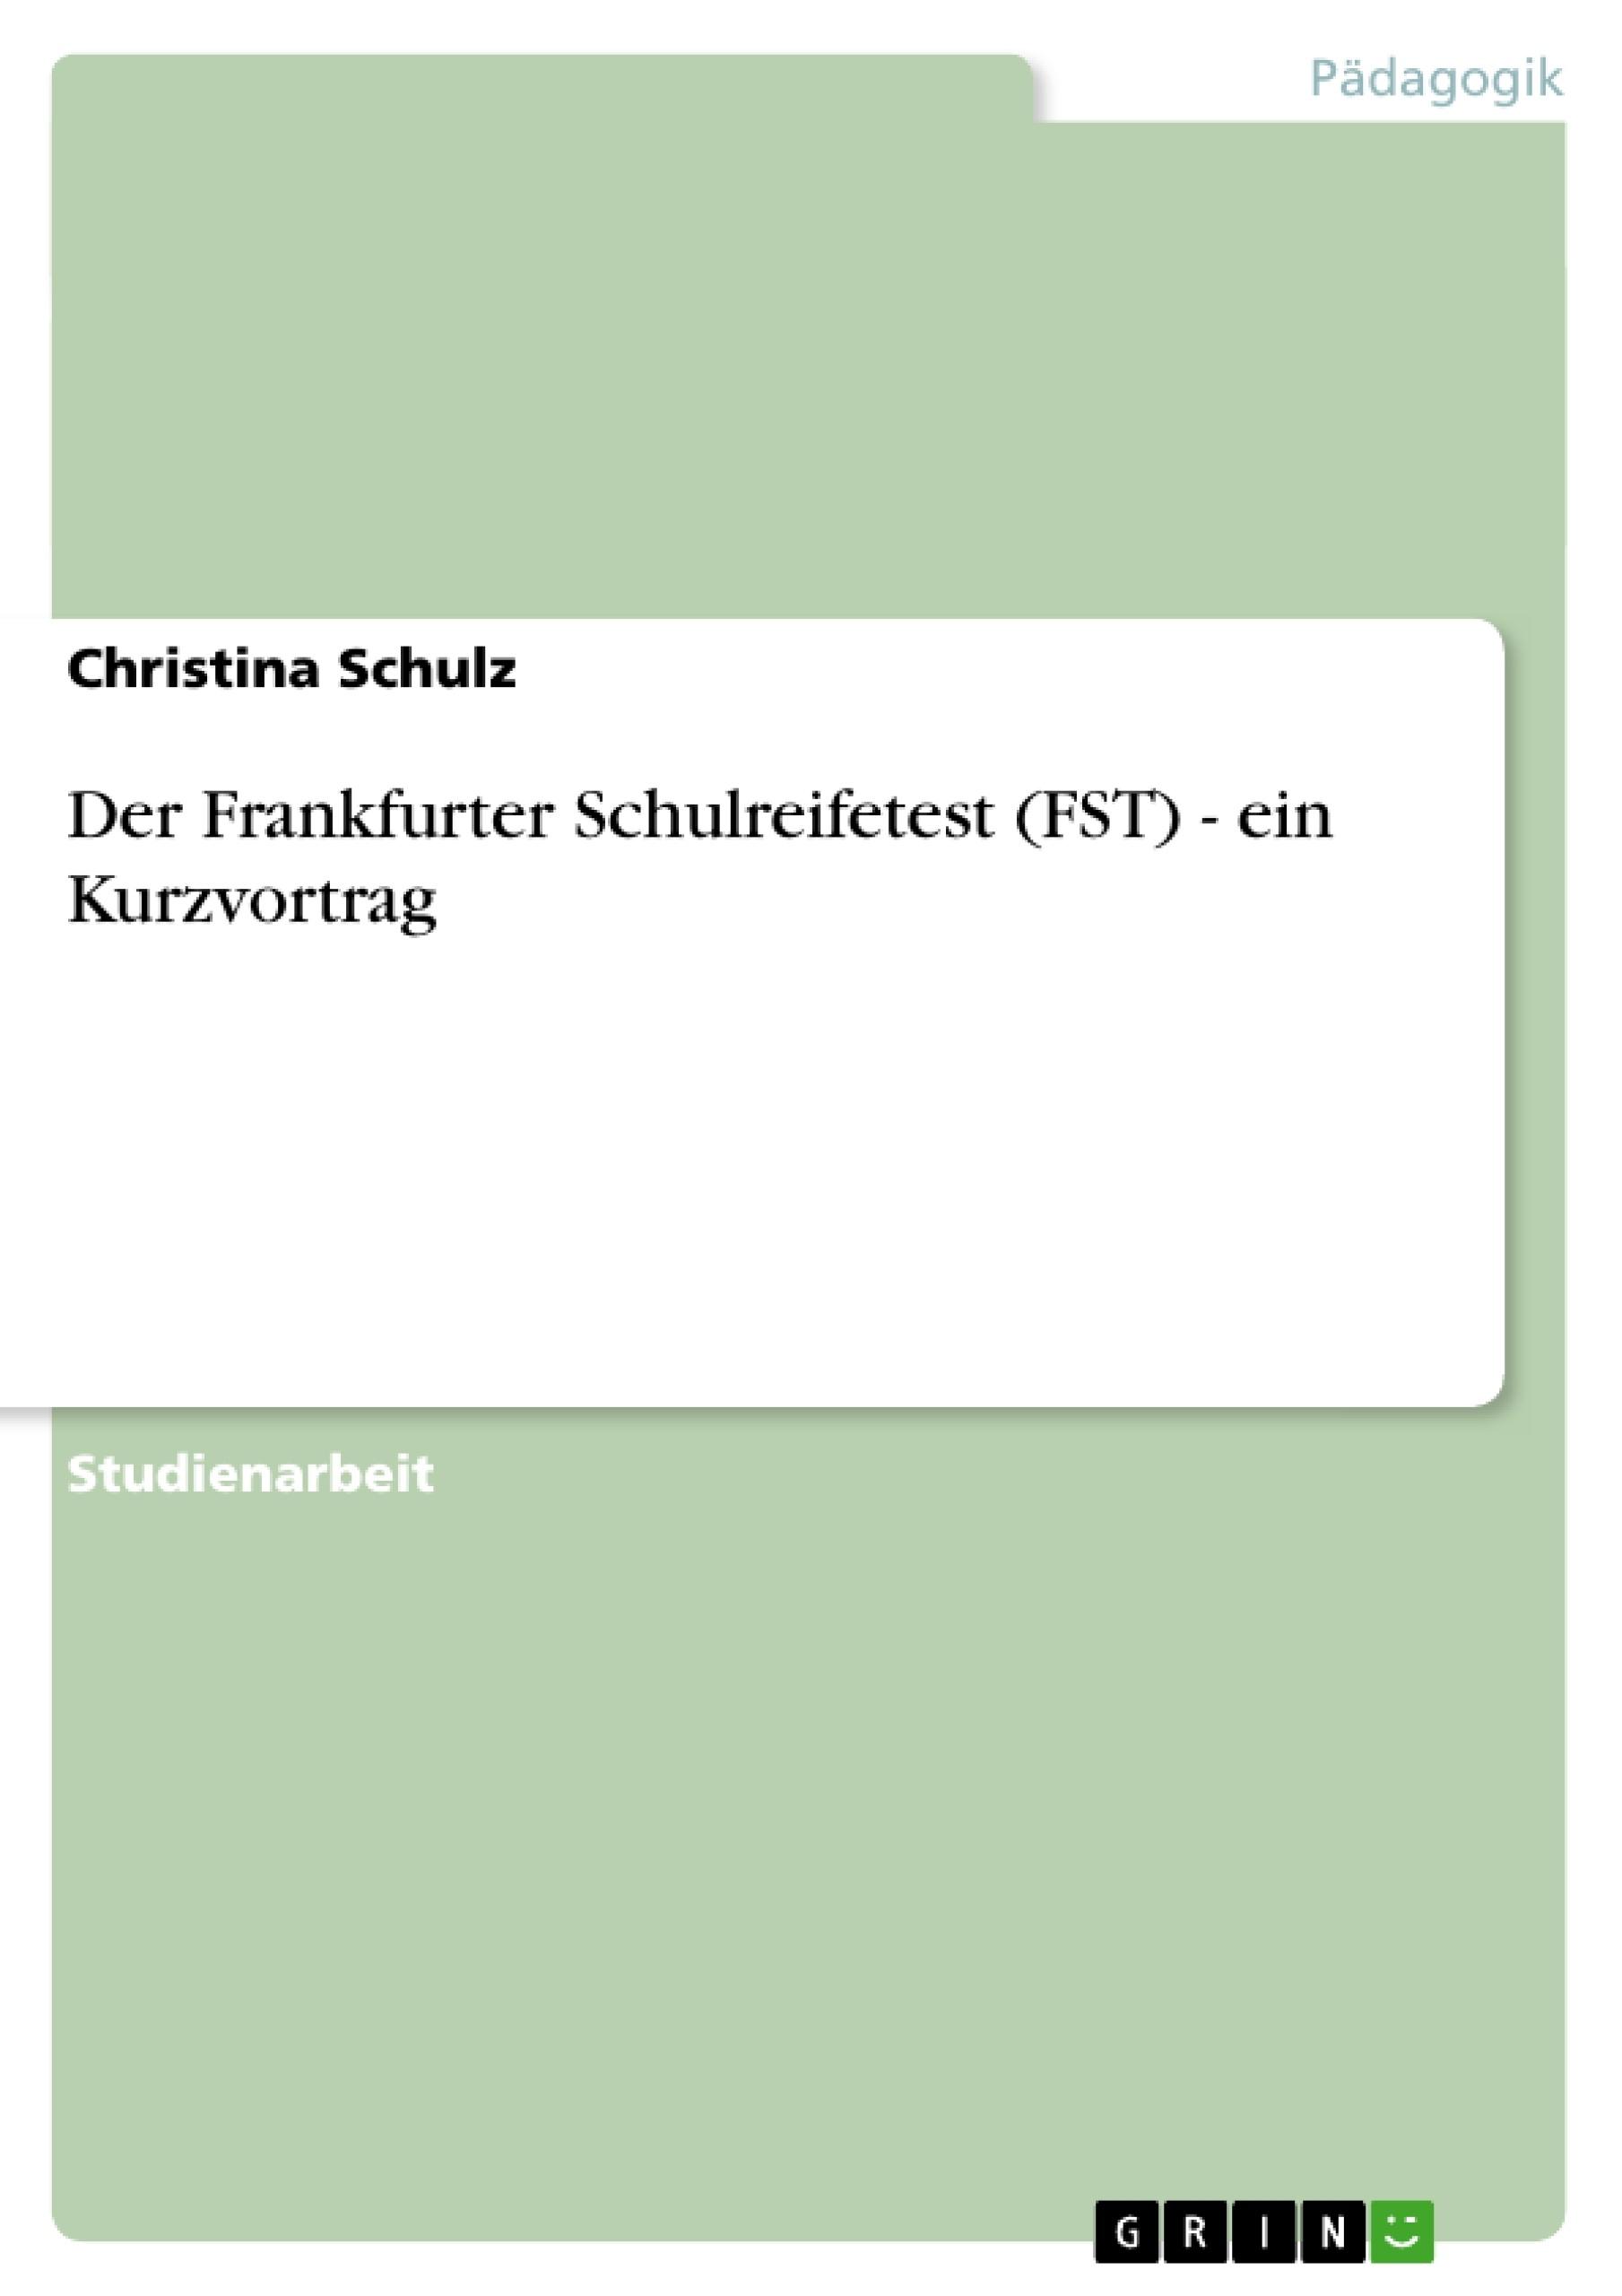 Titel: Der Frankfurter Schulreifetest (FST) - ein Kurzvortrag